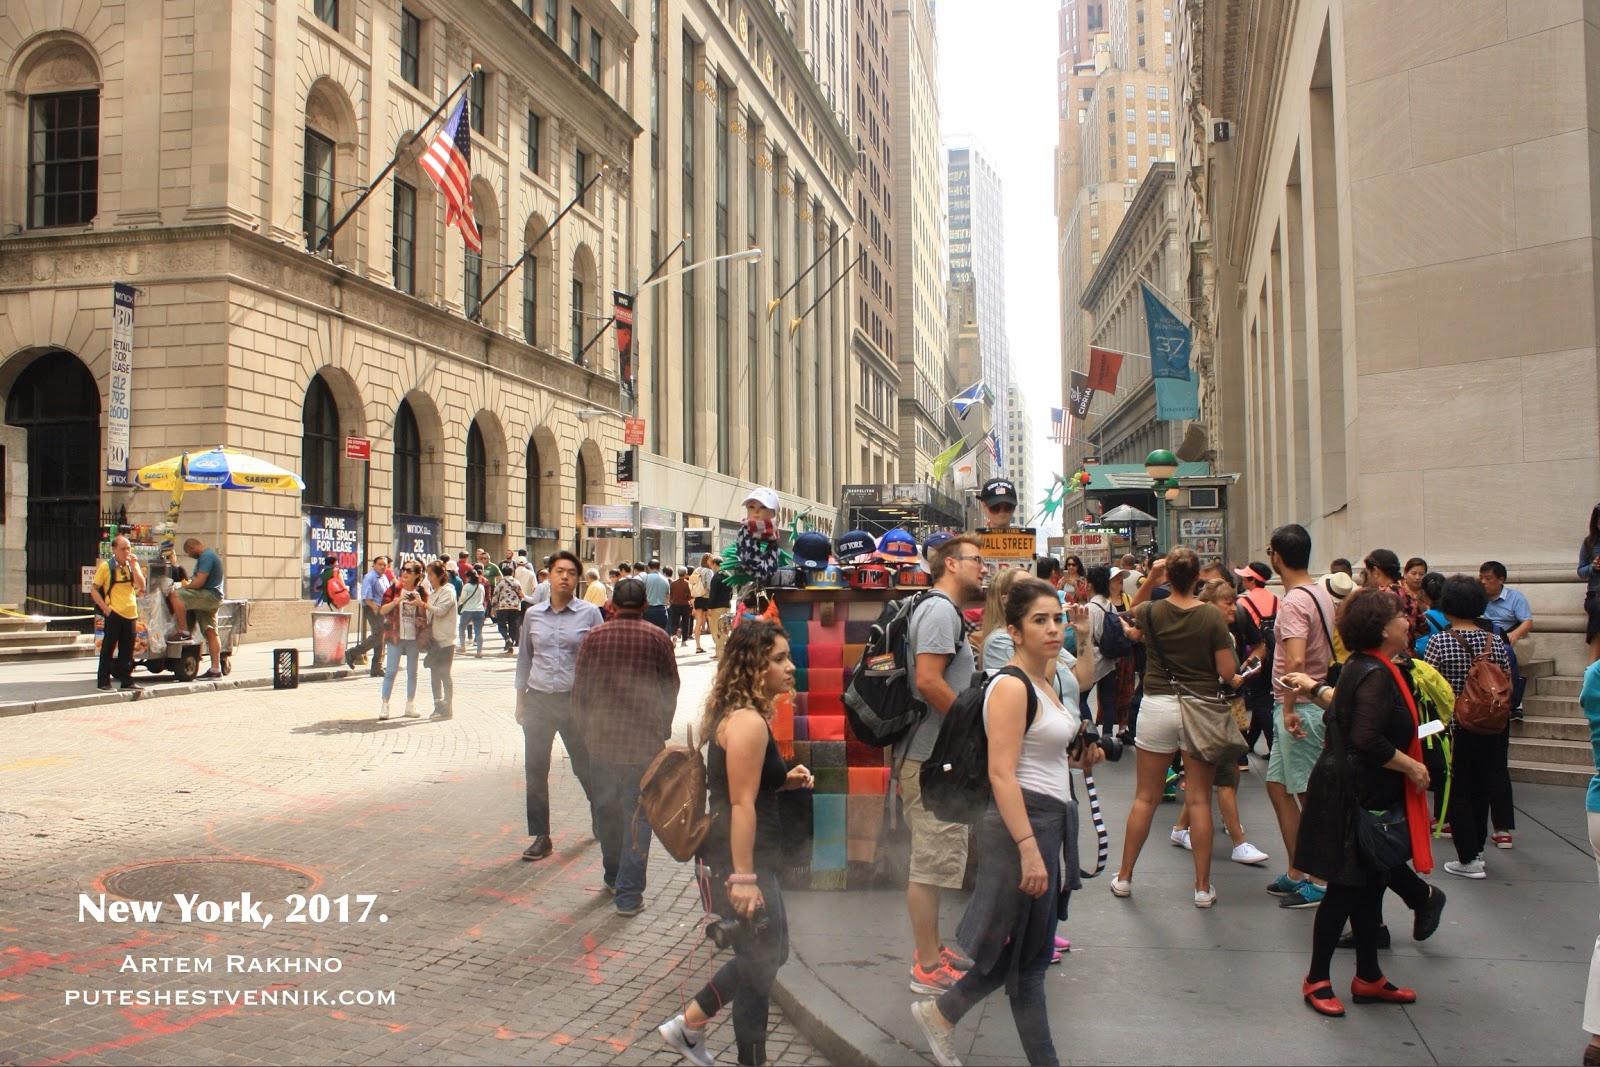 На улице в Нью-Йорке